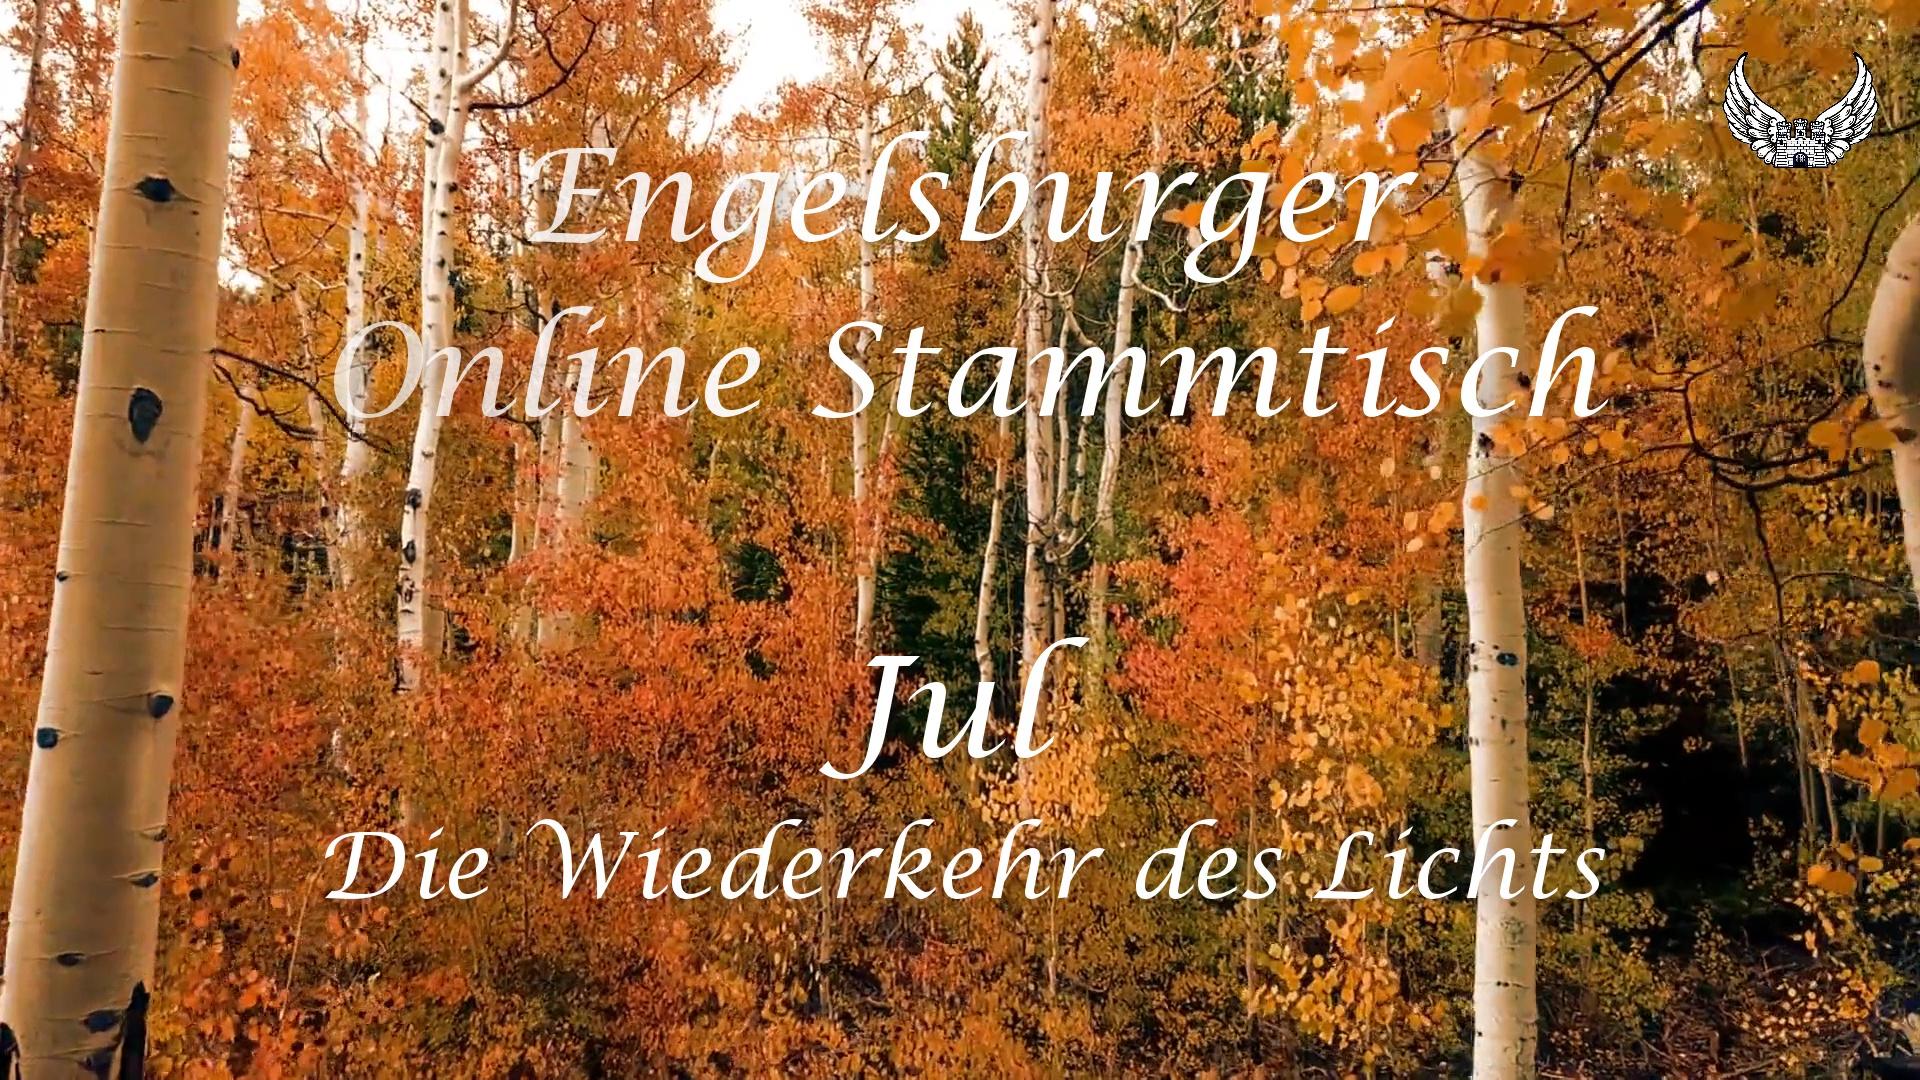 Engelsburger Onlinestammtisch 15. Dezember 2020 / Jul – Die Wiederkehr des Lichts